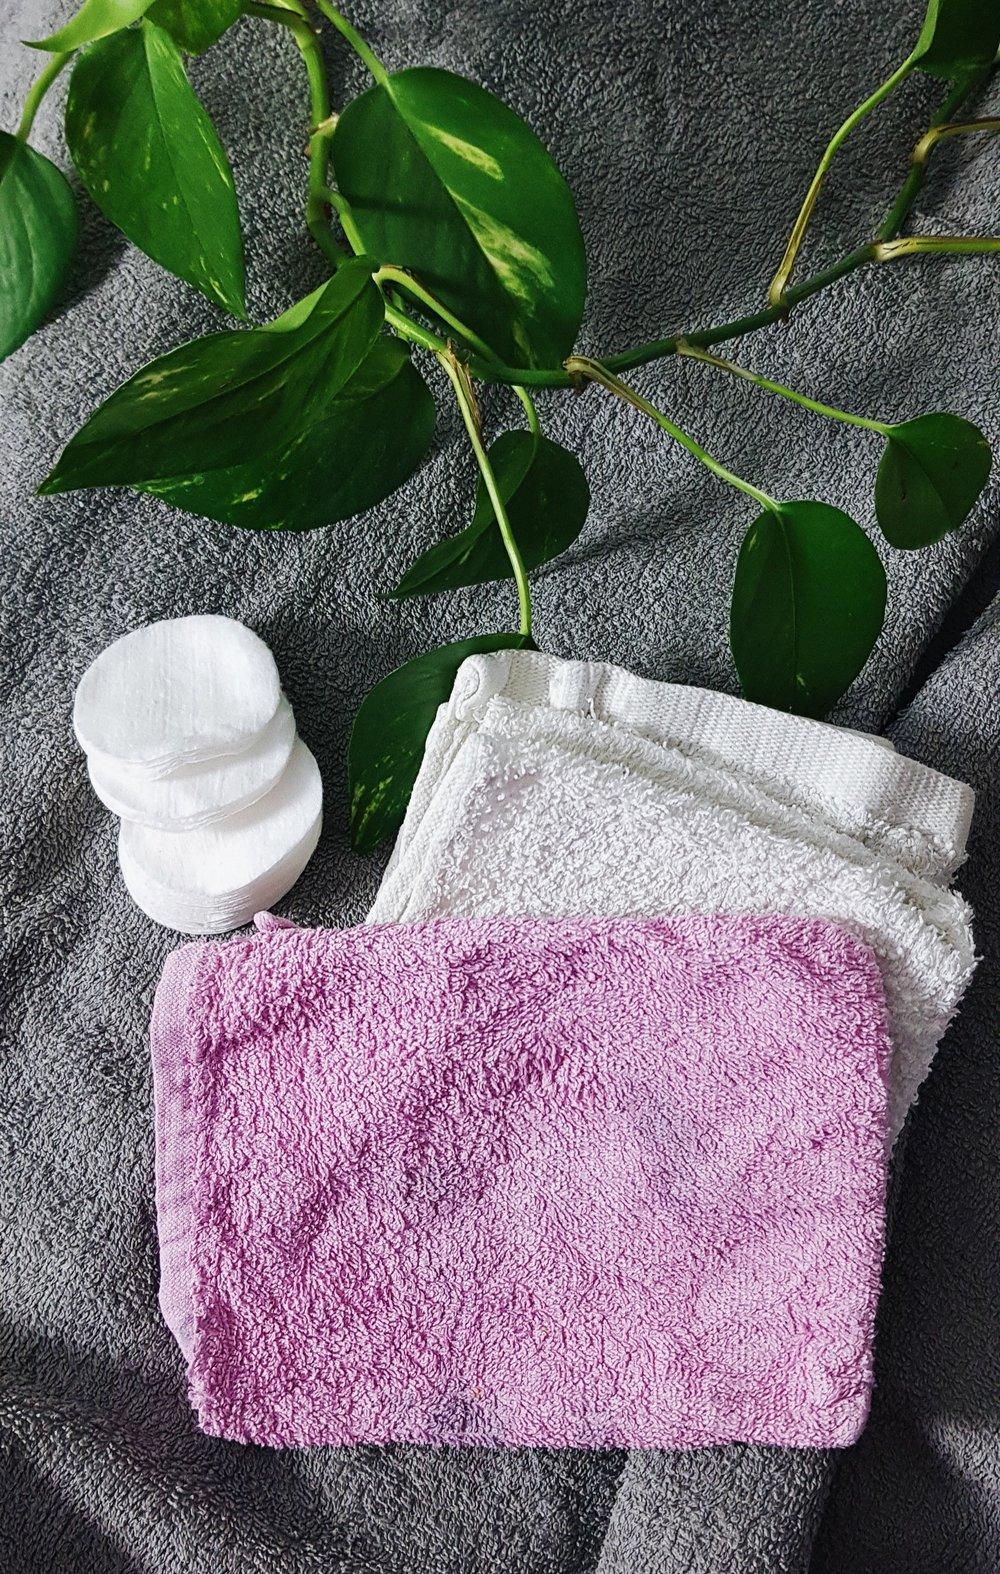 Se över dina engångs-produkter - Bomullsrondeller kan enkelt ersättas med frotéservetter